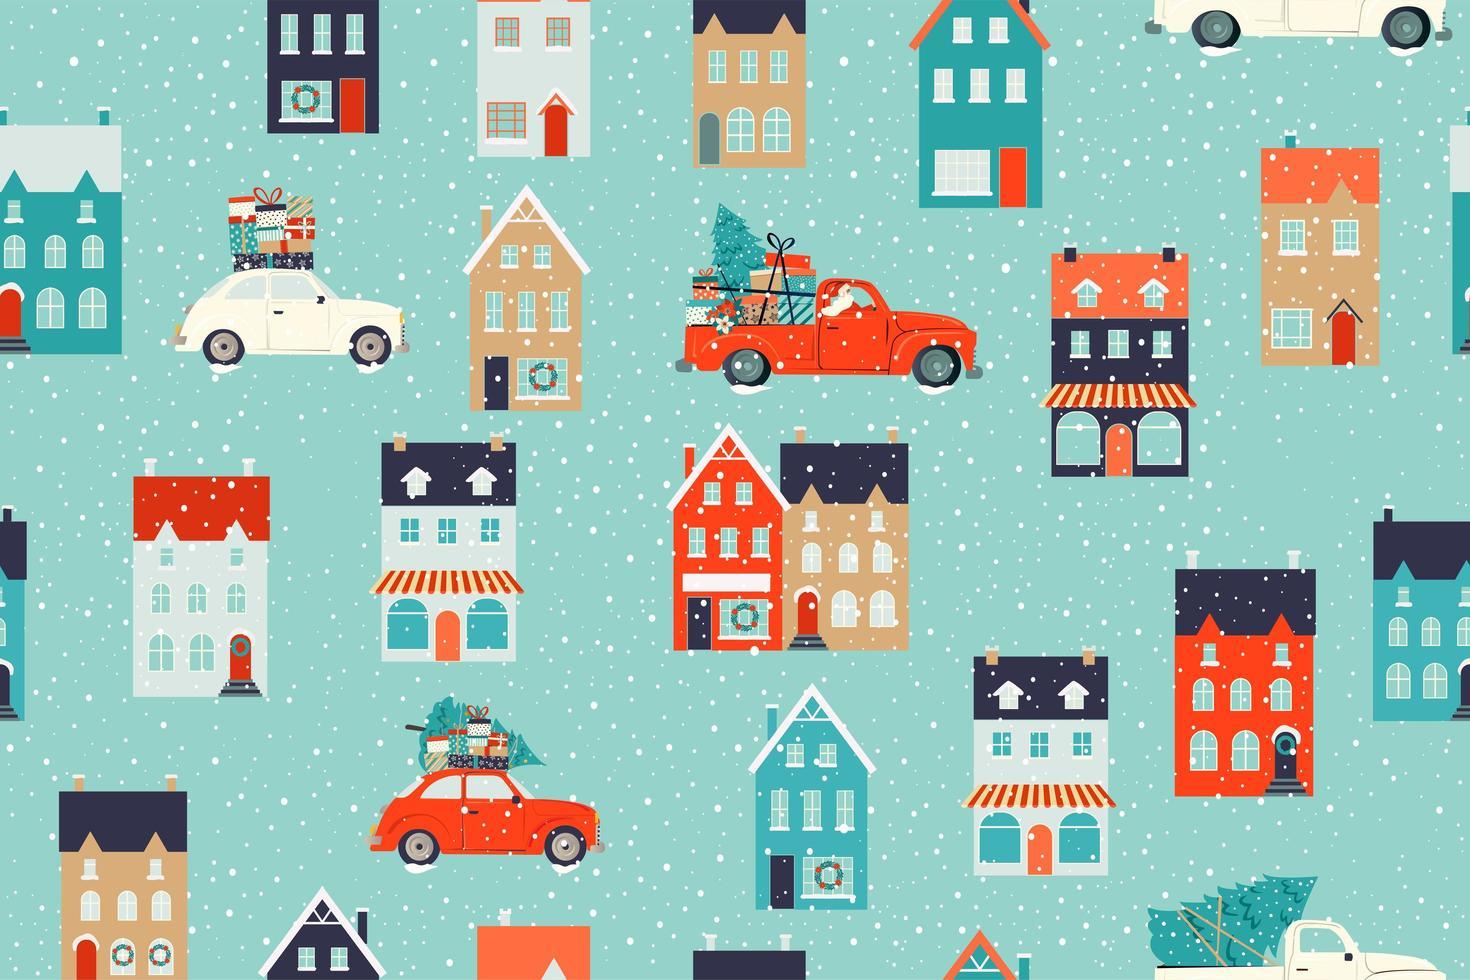 vinterhus till jul och röd retrobil med ett gran och presenter. jultyger och dekor. sömlösa mönster. vektor